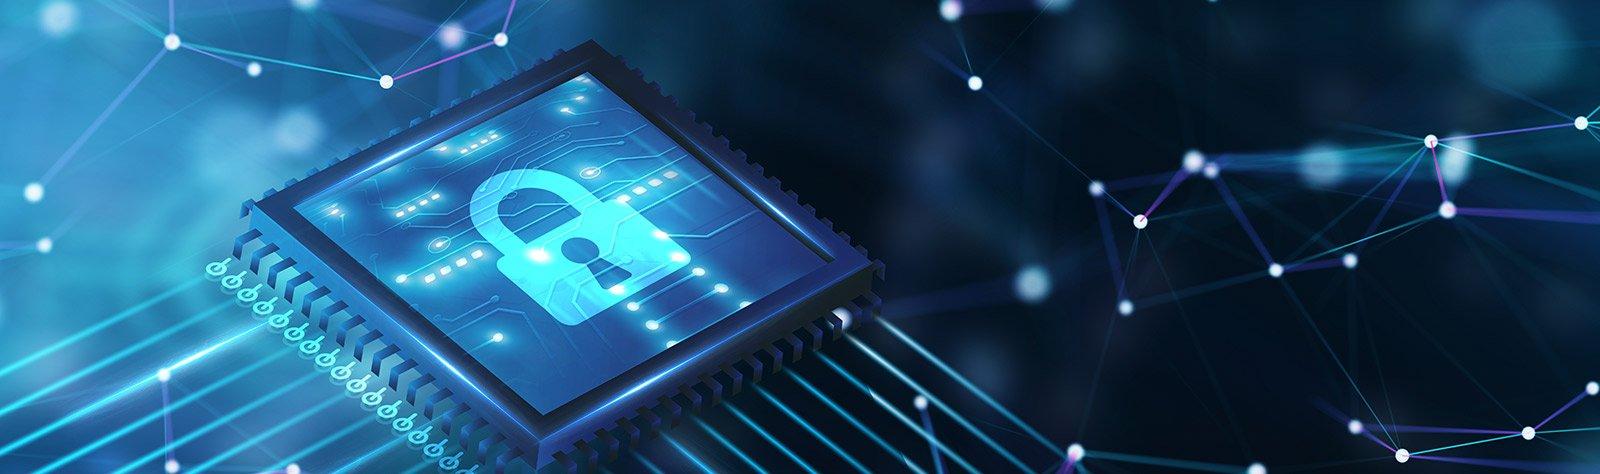 Imagem de um chip com o desenho de um cadeado